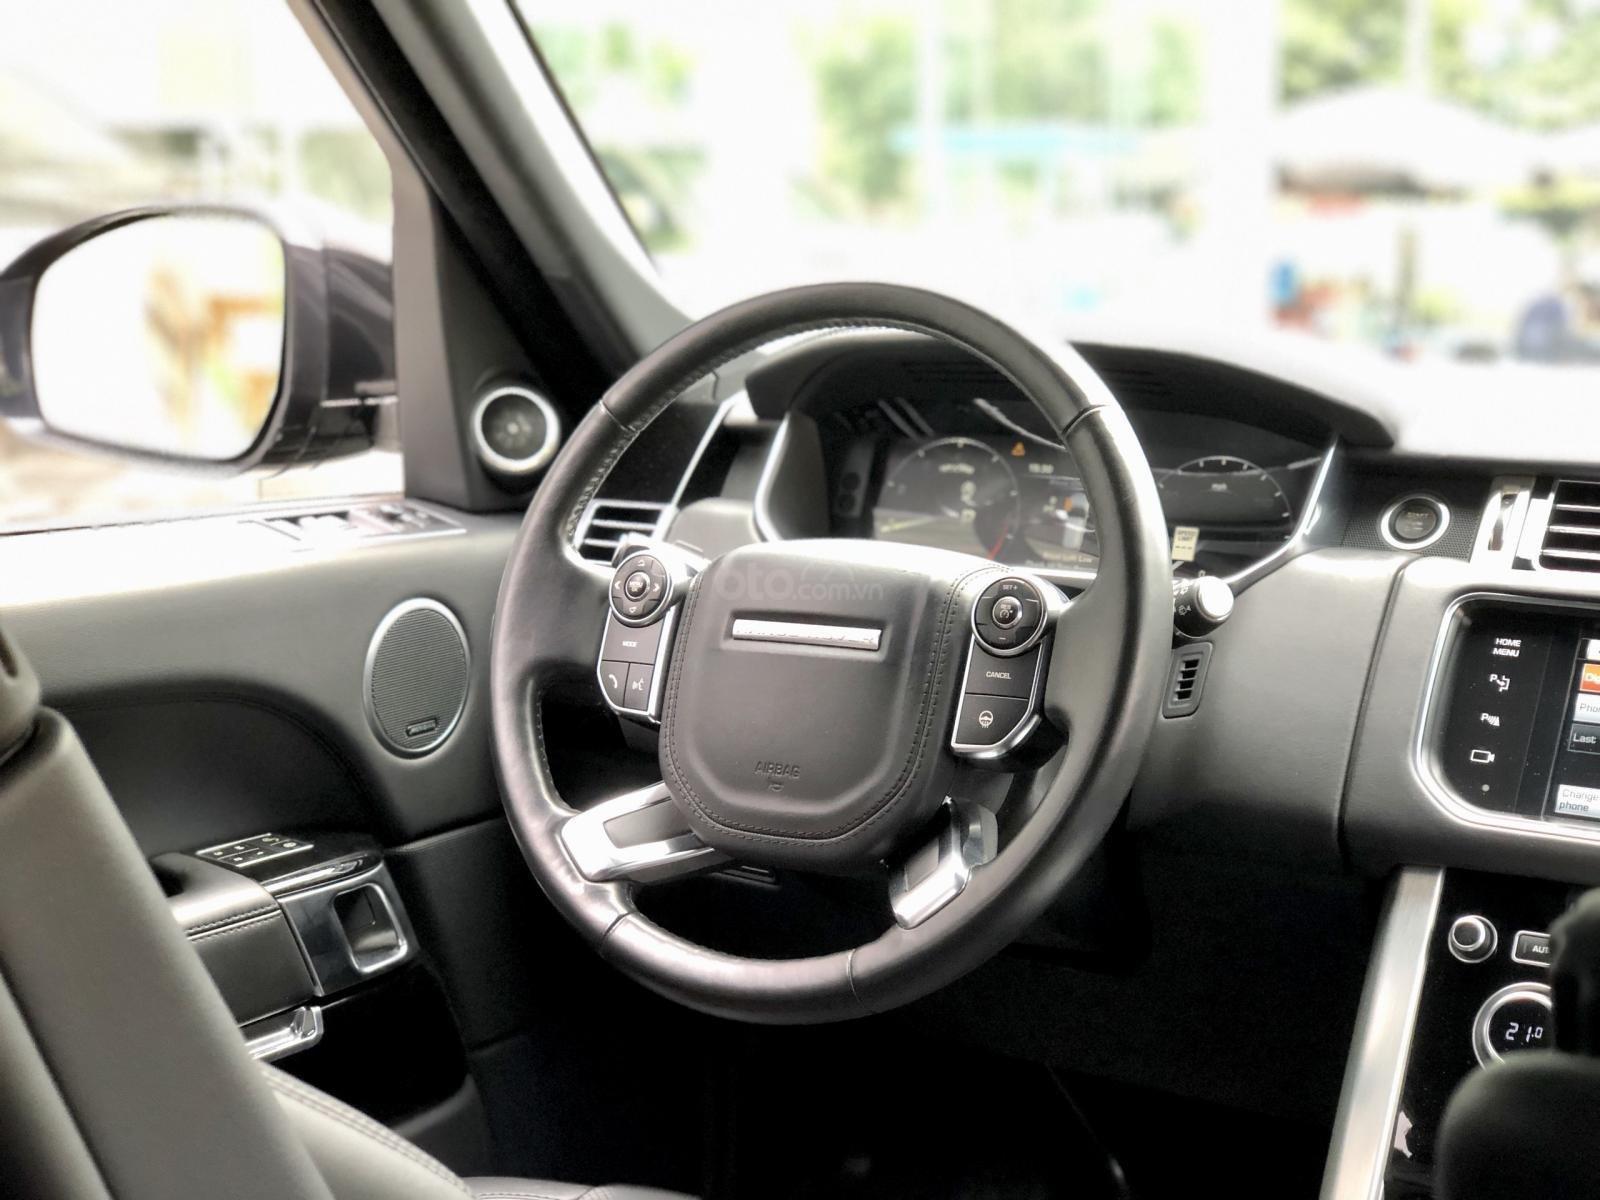 Bán Range Rover HSE 2015 cũ Hà Nội, siêu đẹp, LH Ms Ngọc Vy 093.996.2368 (15)